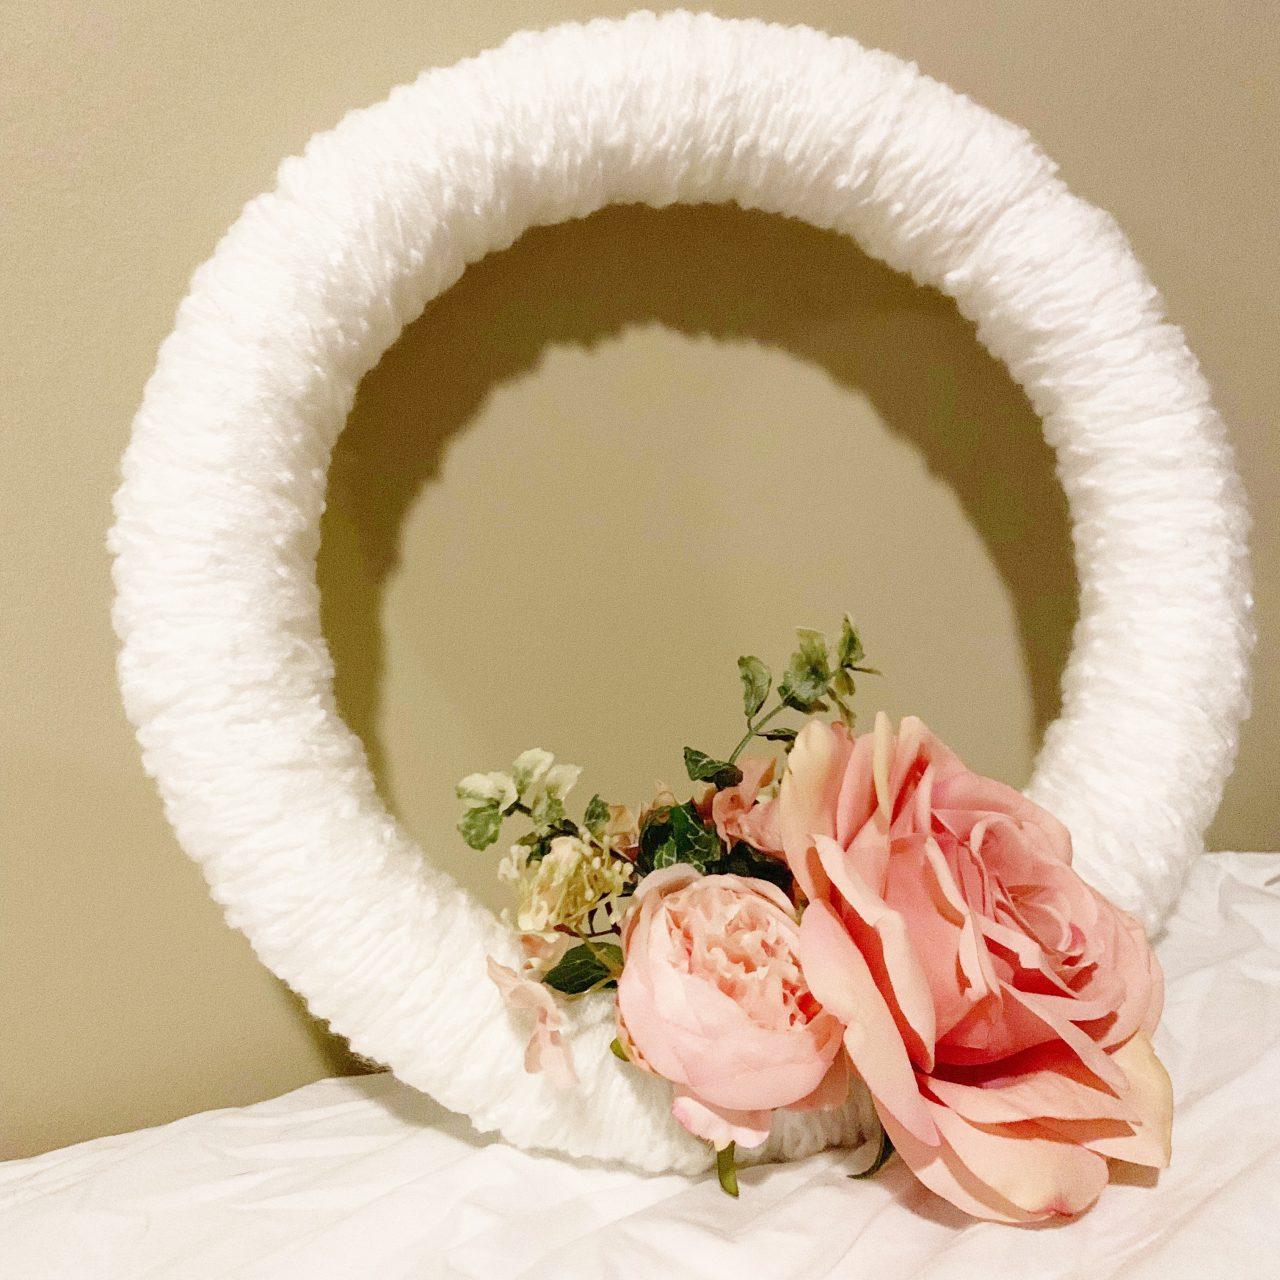 DIY Finger Knit Spring Wreath